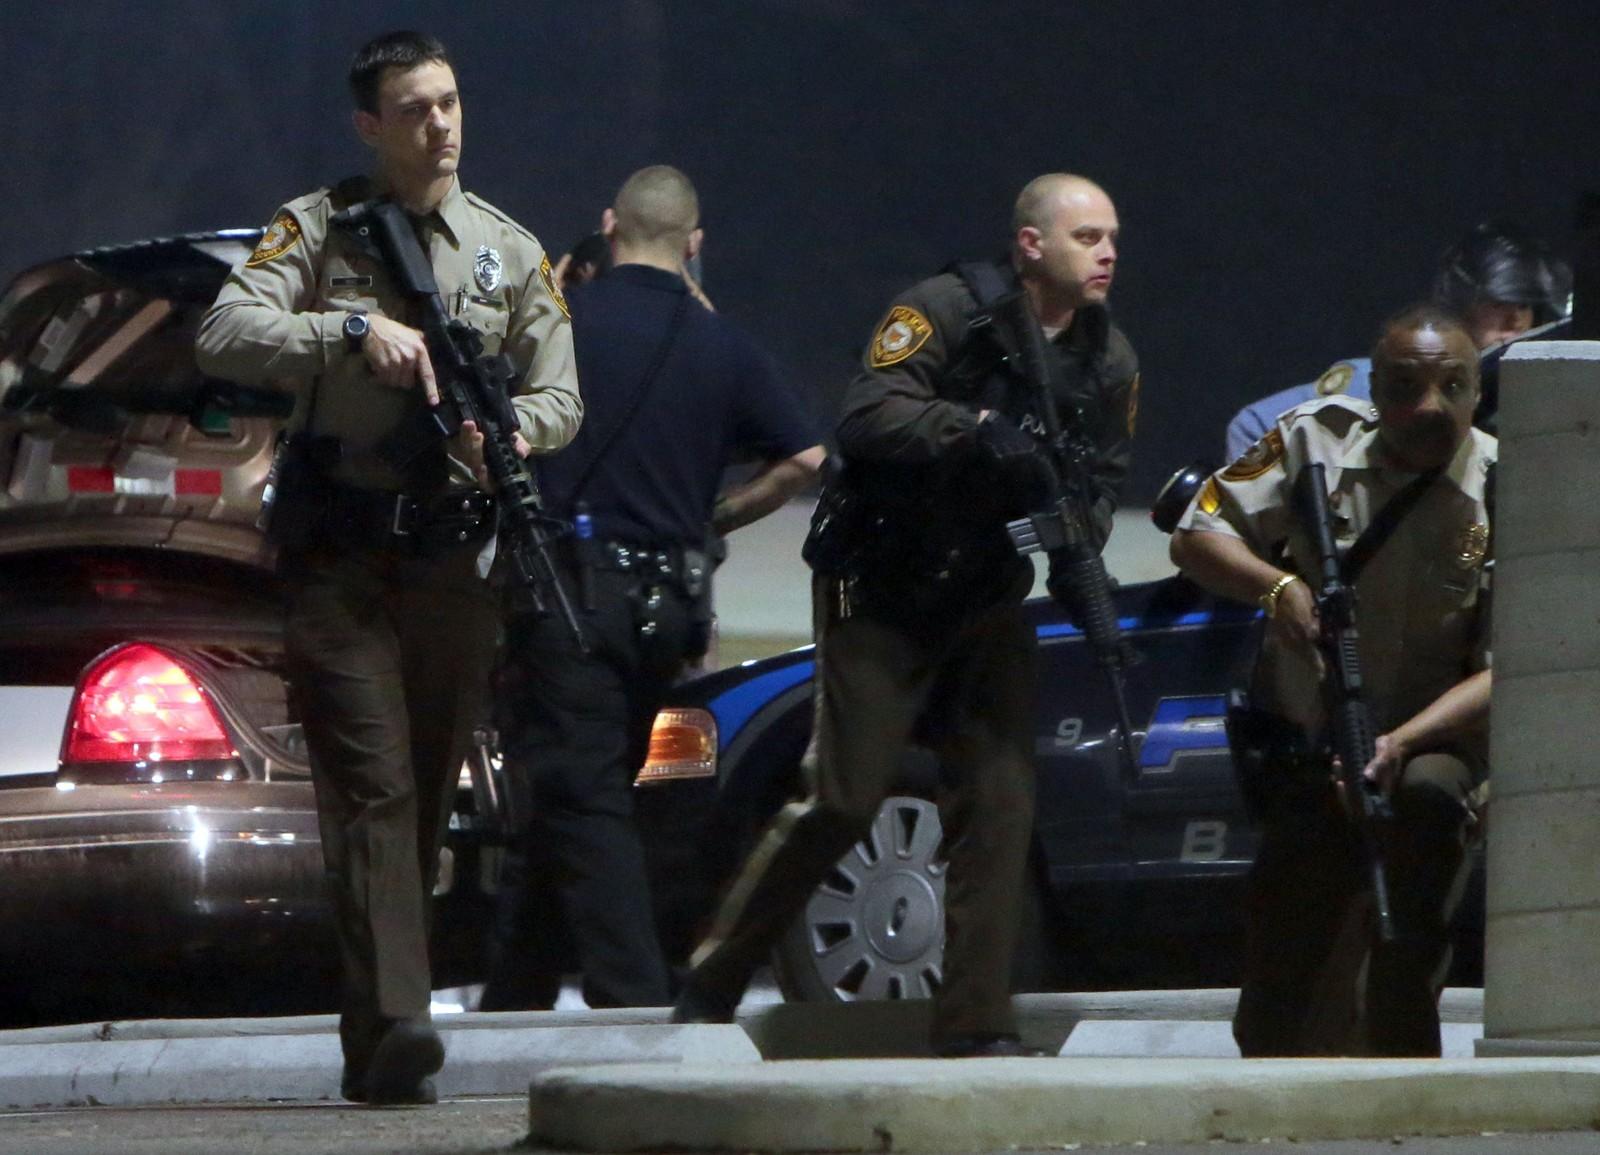 (AP Photo/St. Louis Post-Dispatch, Laurie Skrivan)